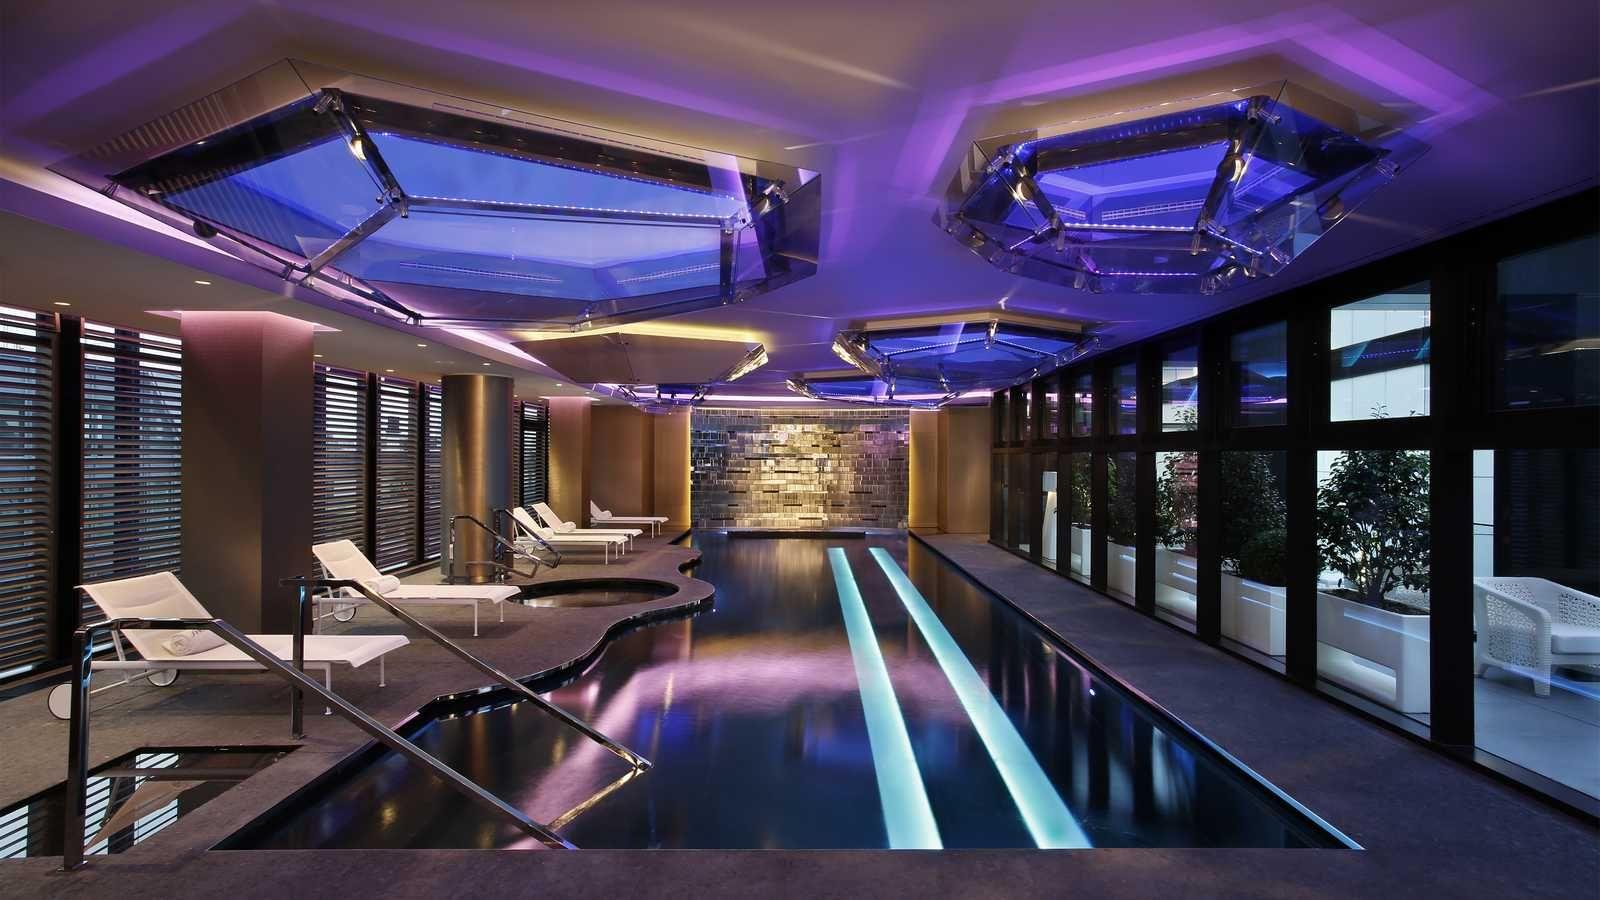 Shiseido Spa Milan Centro Benessere Excelsior Hotel Gallia